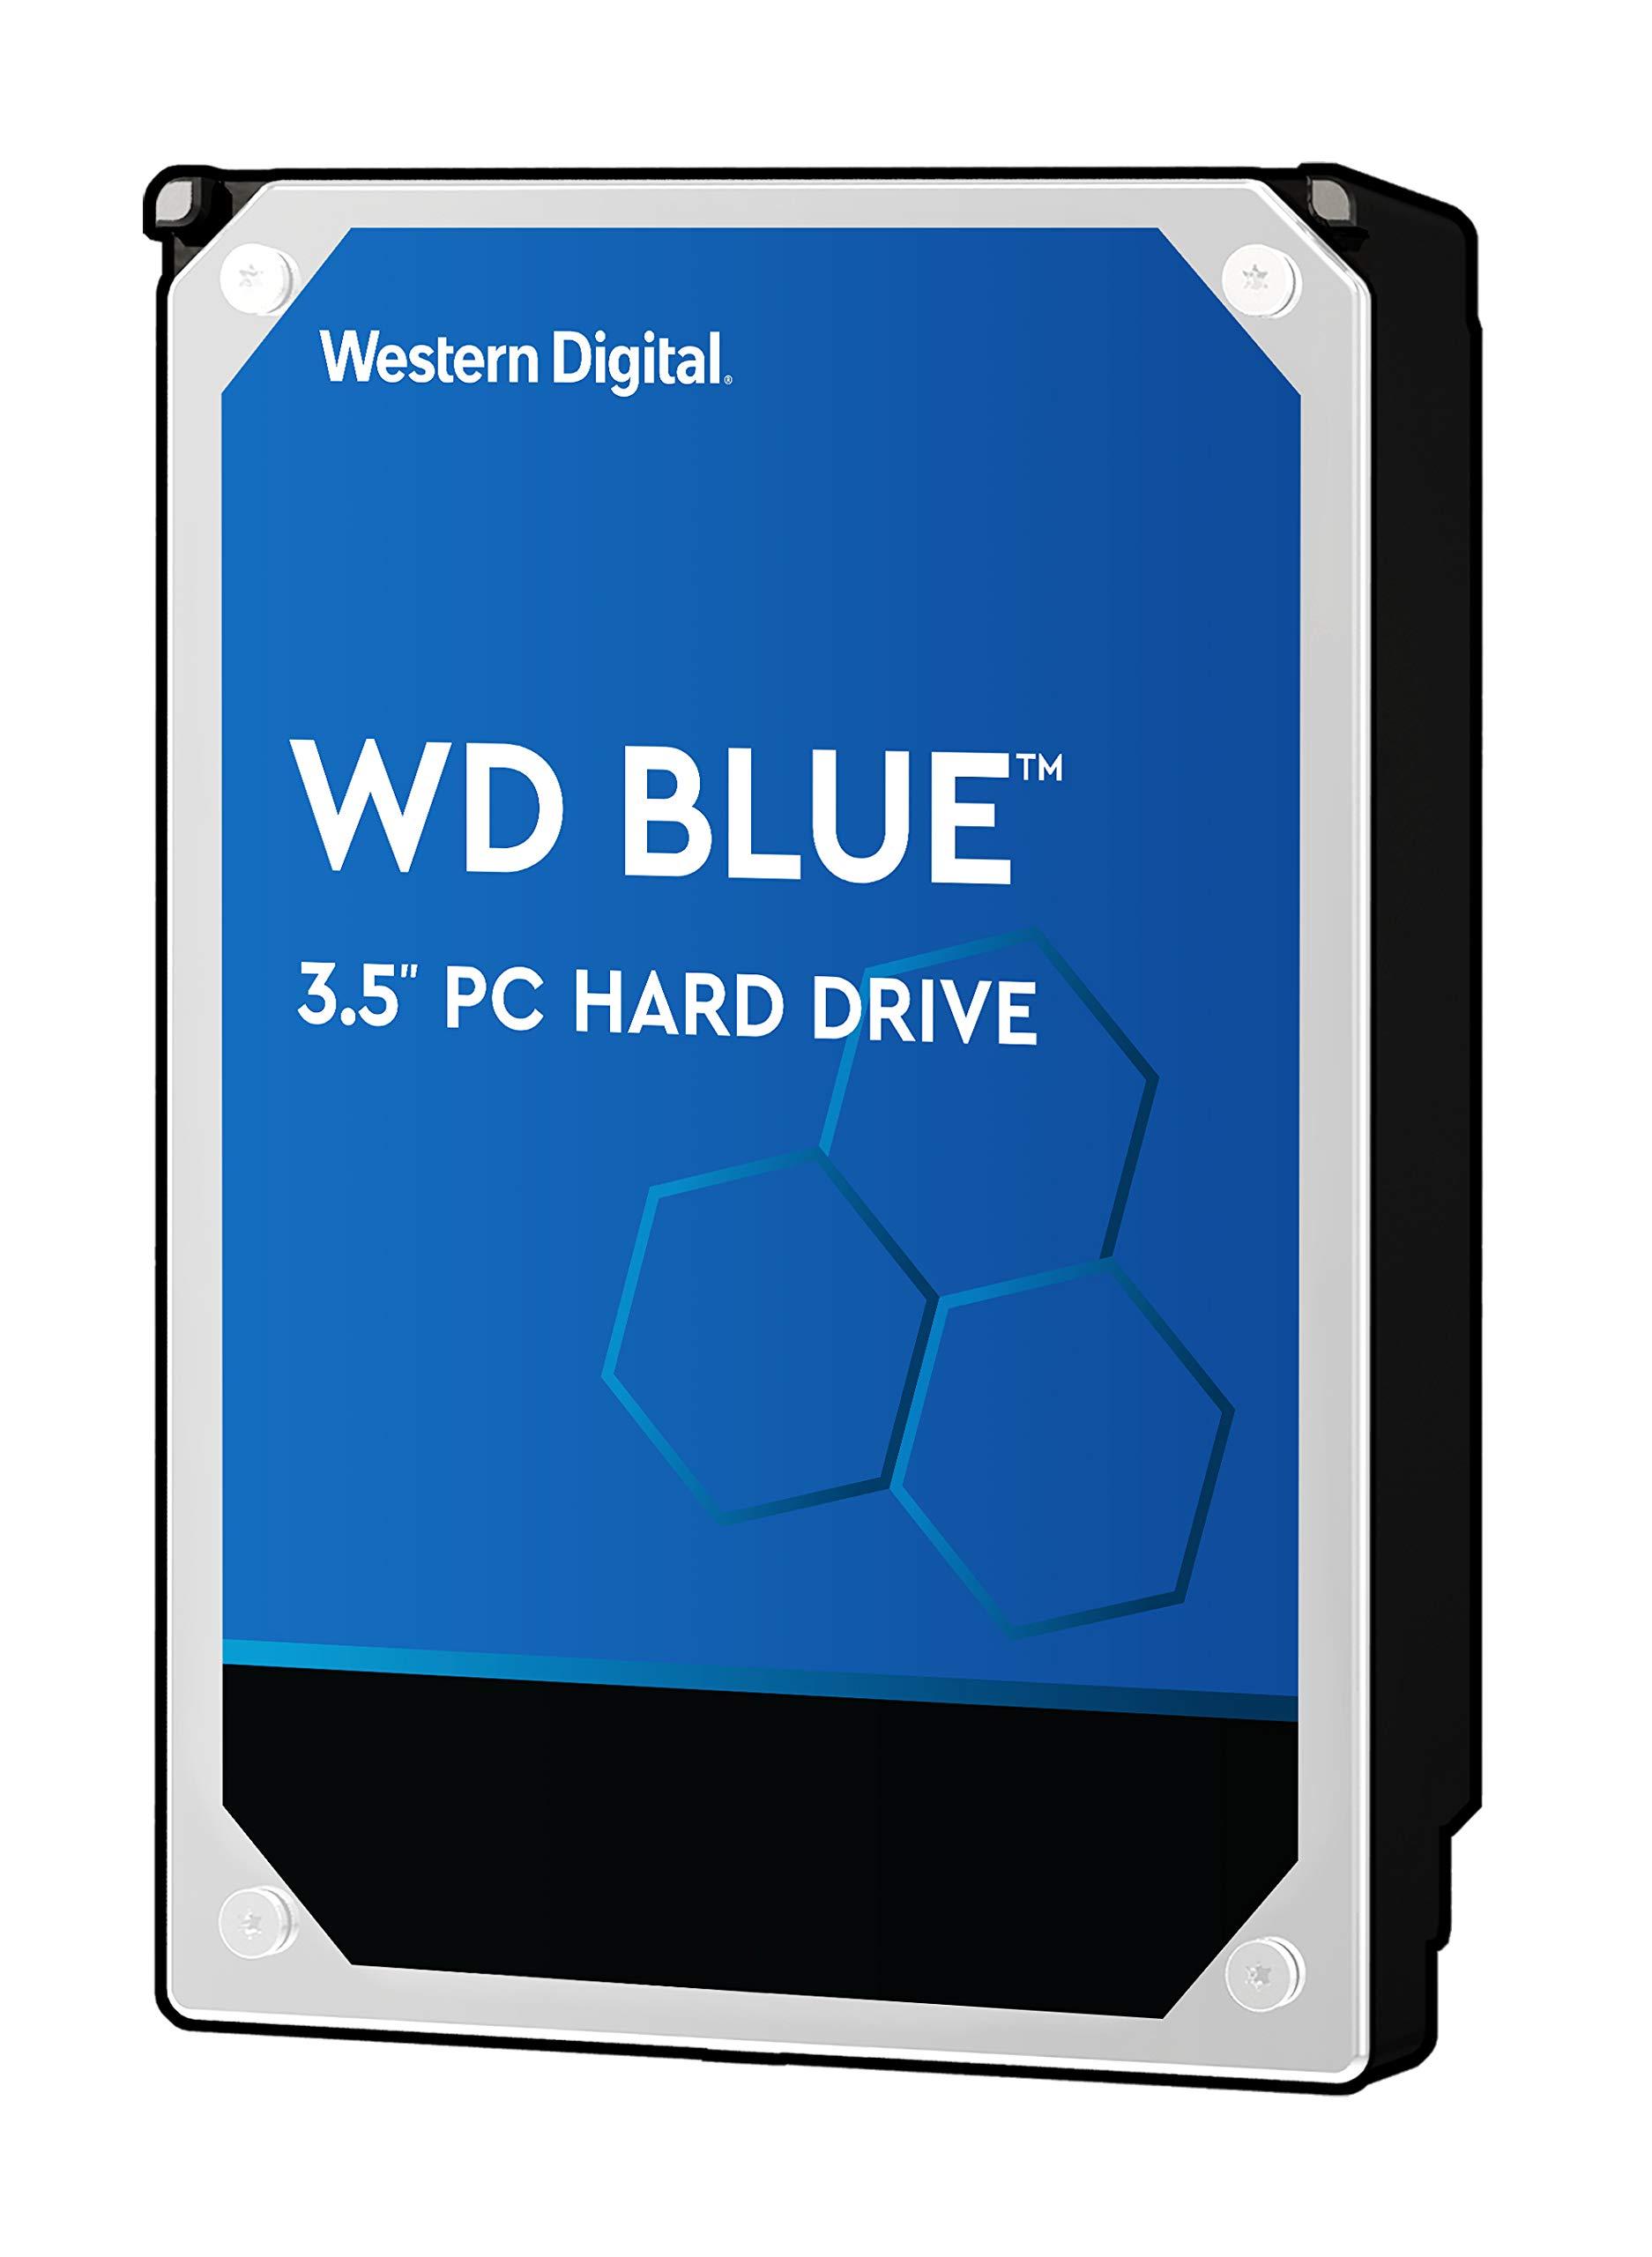 WD Blue 1TB PC Hard Drive - 7200 RPM Class, SATA 6 Gb/s, 64 MB Cache, 3.5'' - WD10EZEX